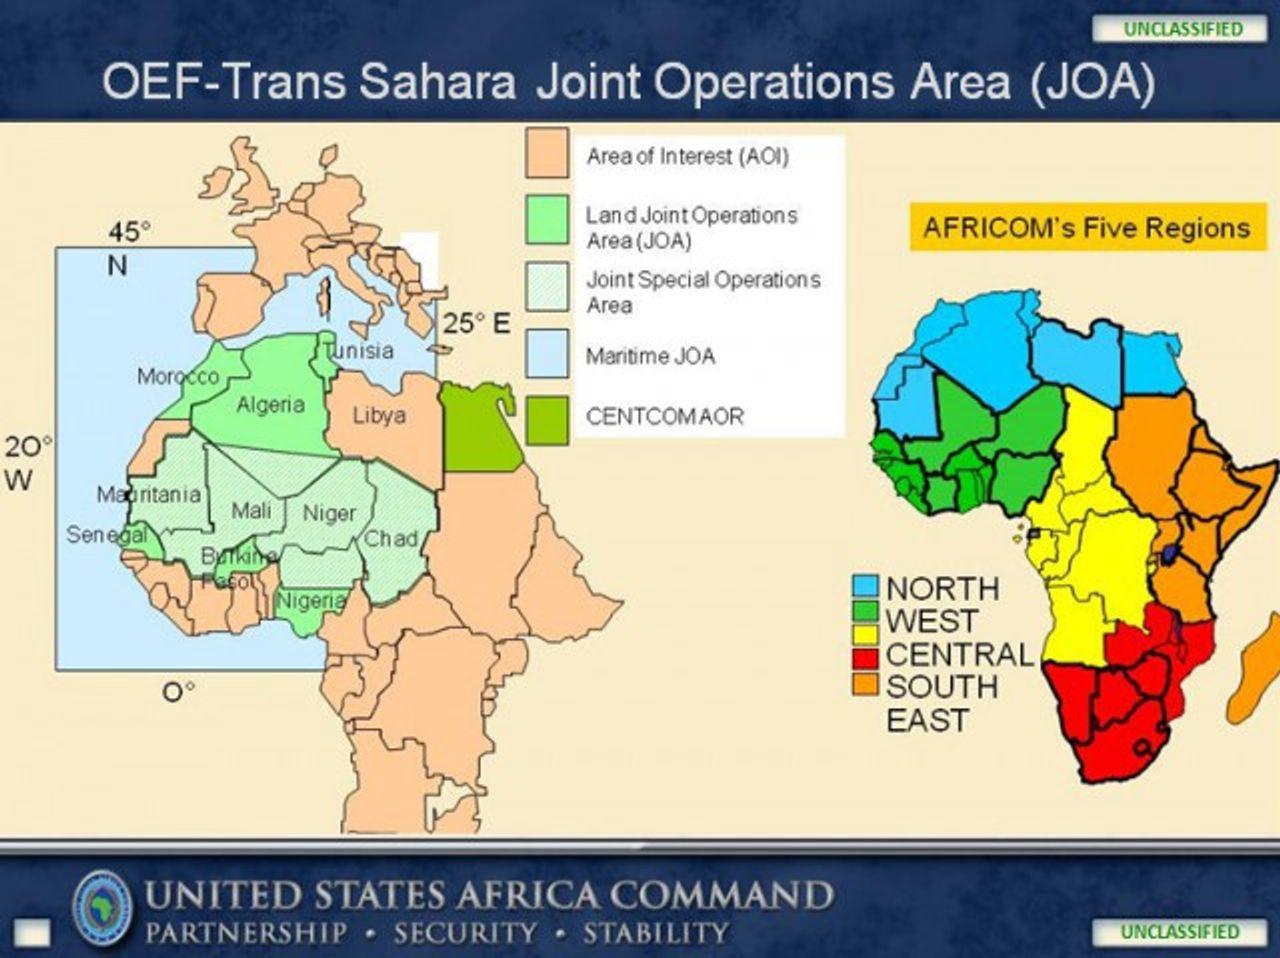 USNATO war games prepare massive military escalation in West